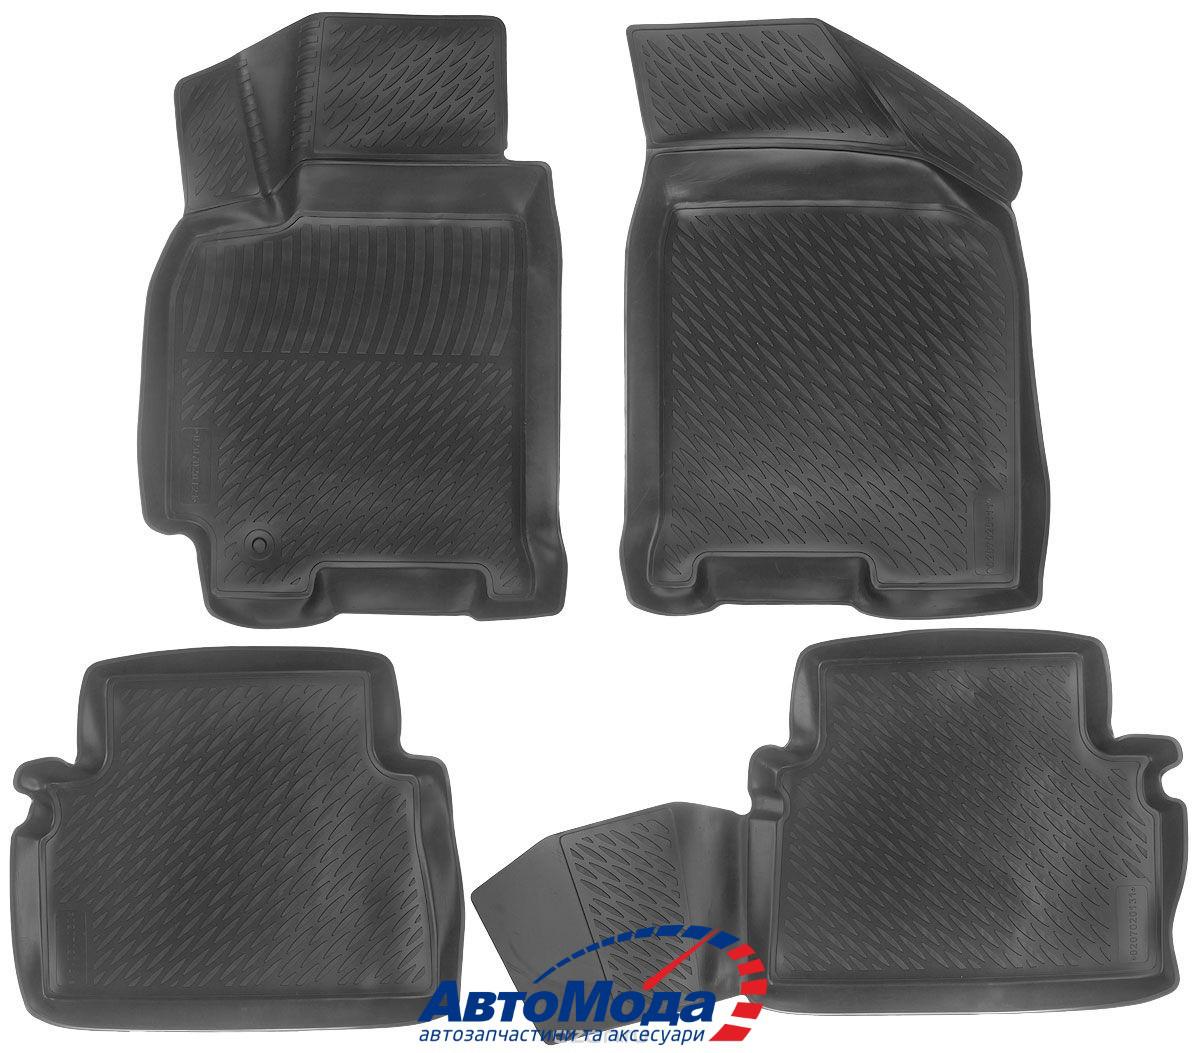 Килимки в салон для Chevrolet Lacetti (04-) поліуретанові 207020101